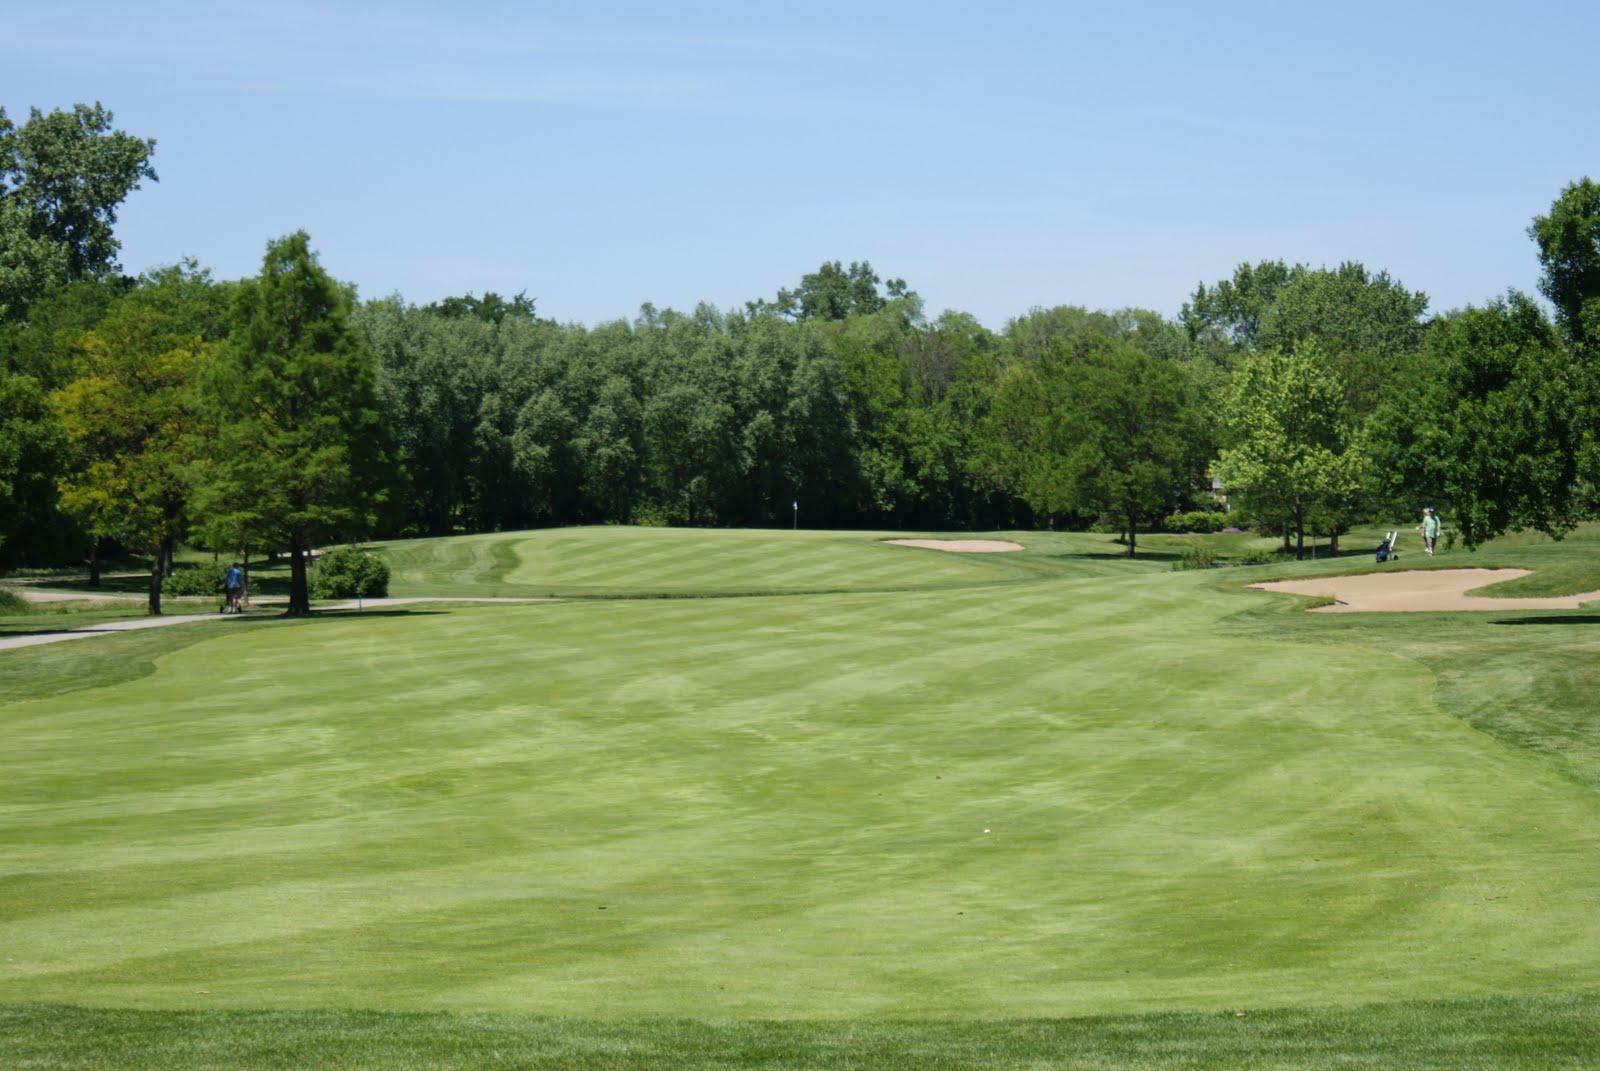 Bath 9 Hole Golf Course